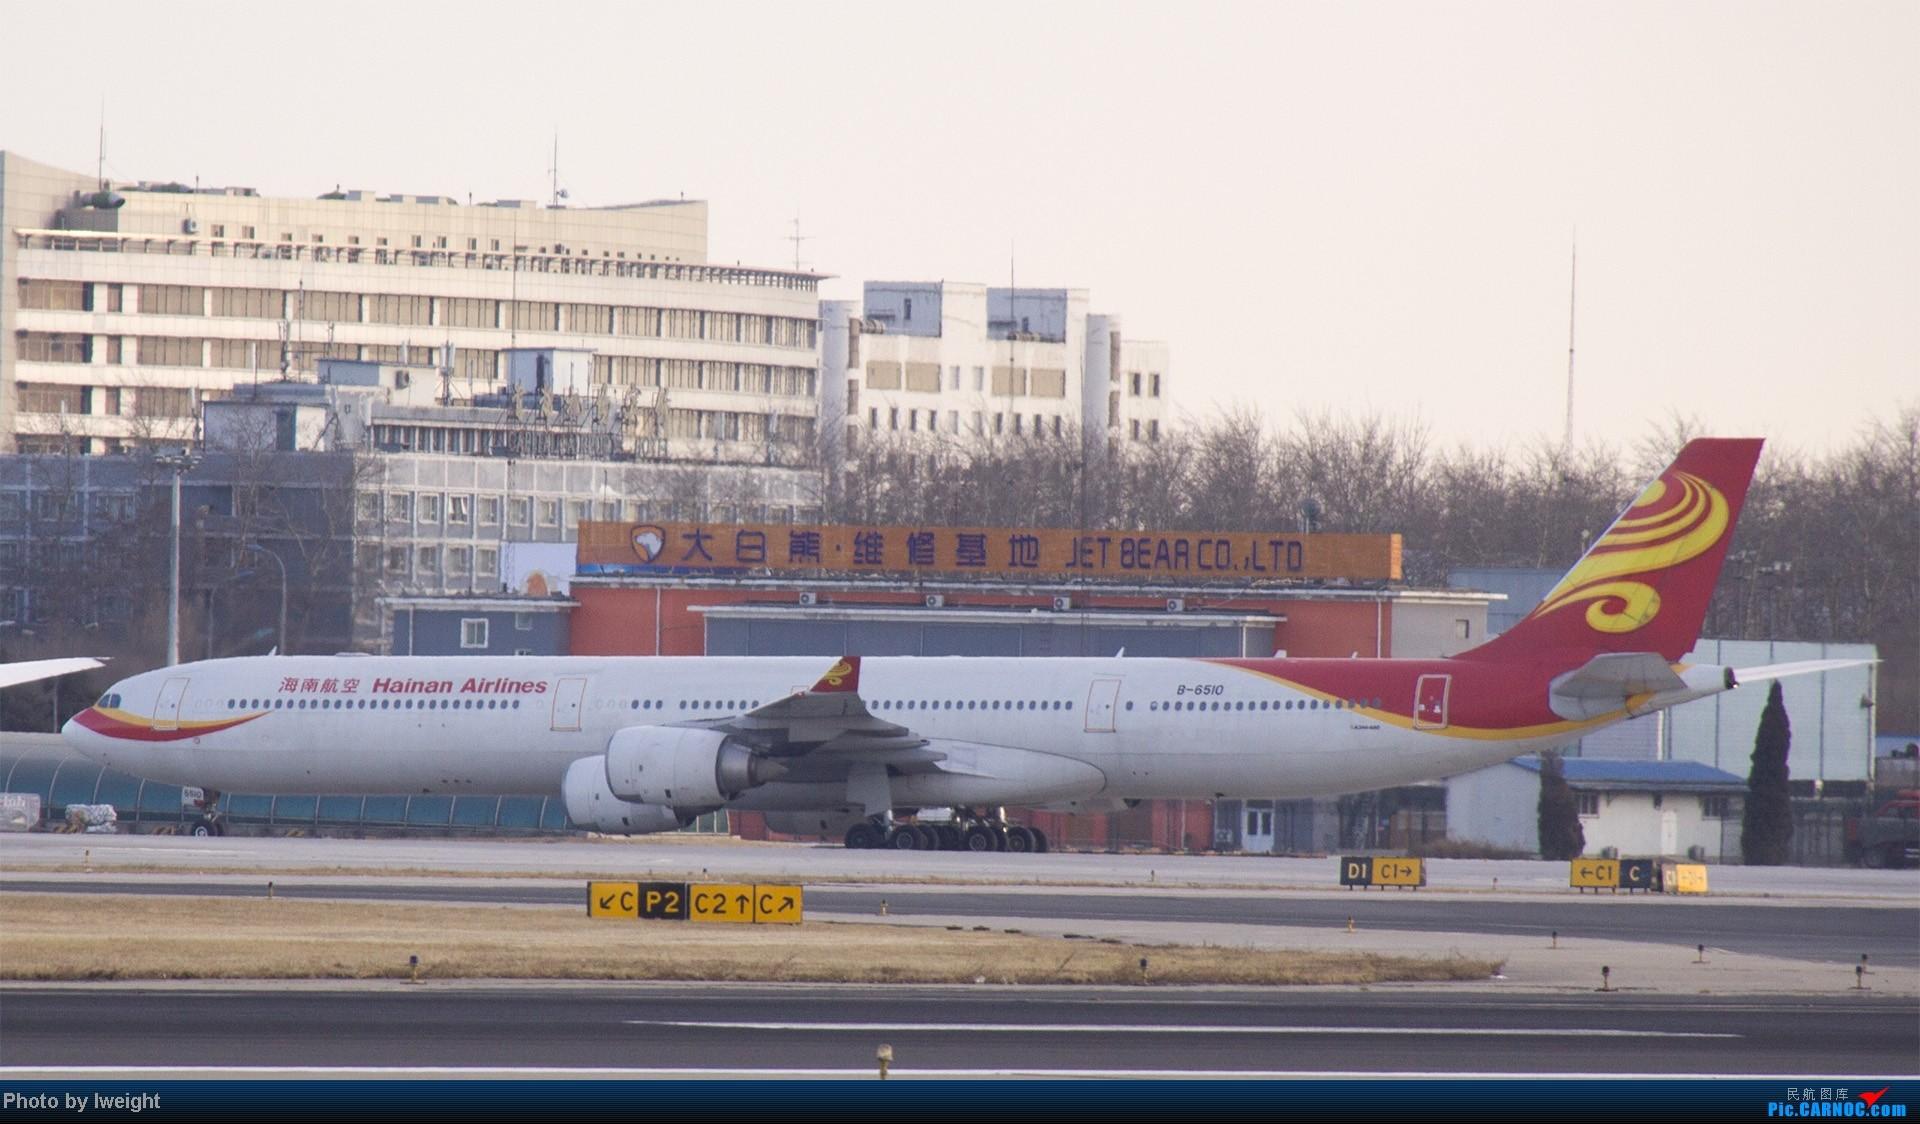 Re:[原创]今天下午瞎拍两个小时的杂图 AIRBUS A340-600 B-6510 中国北京首都机场